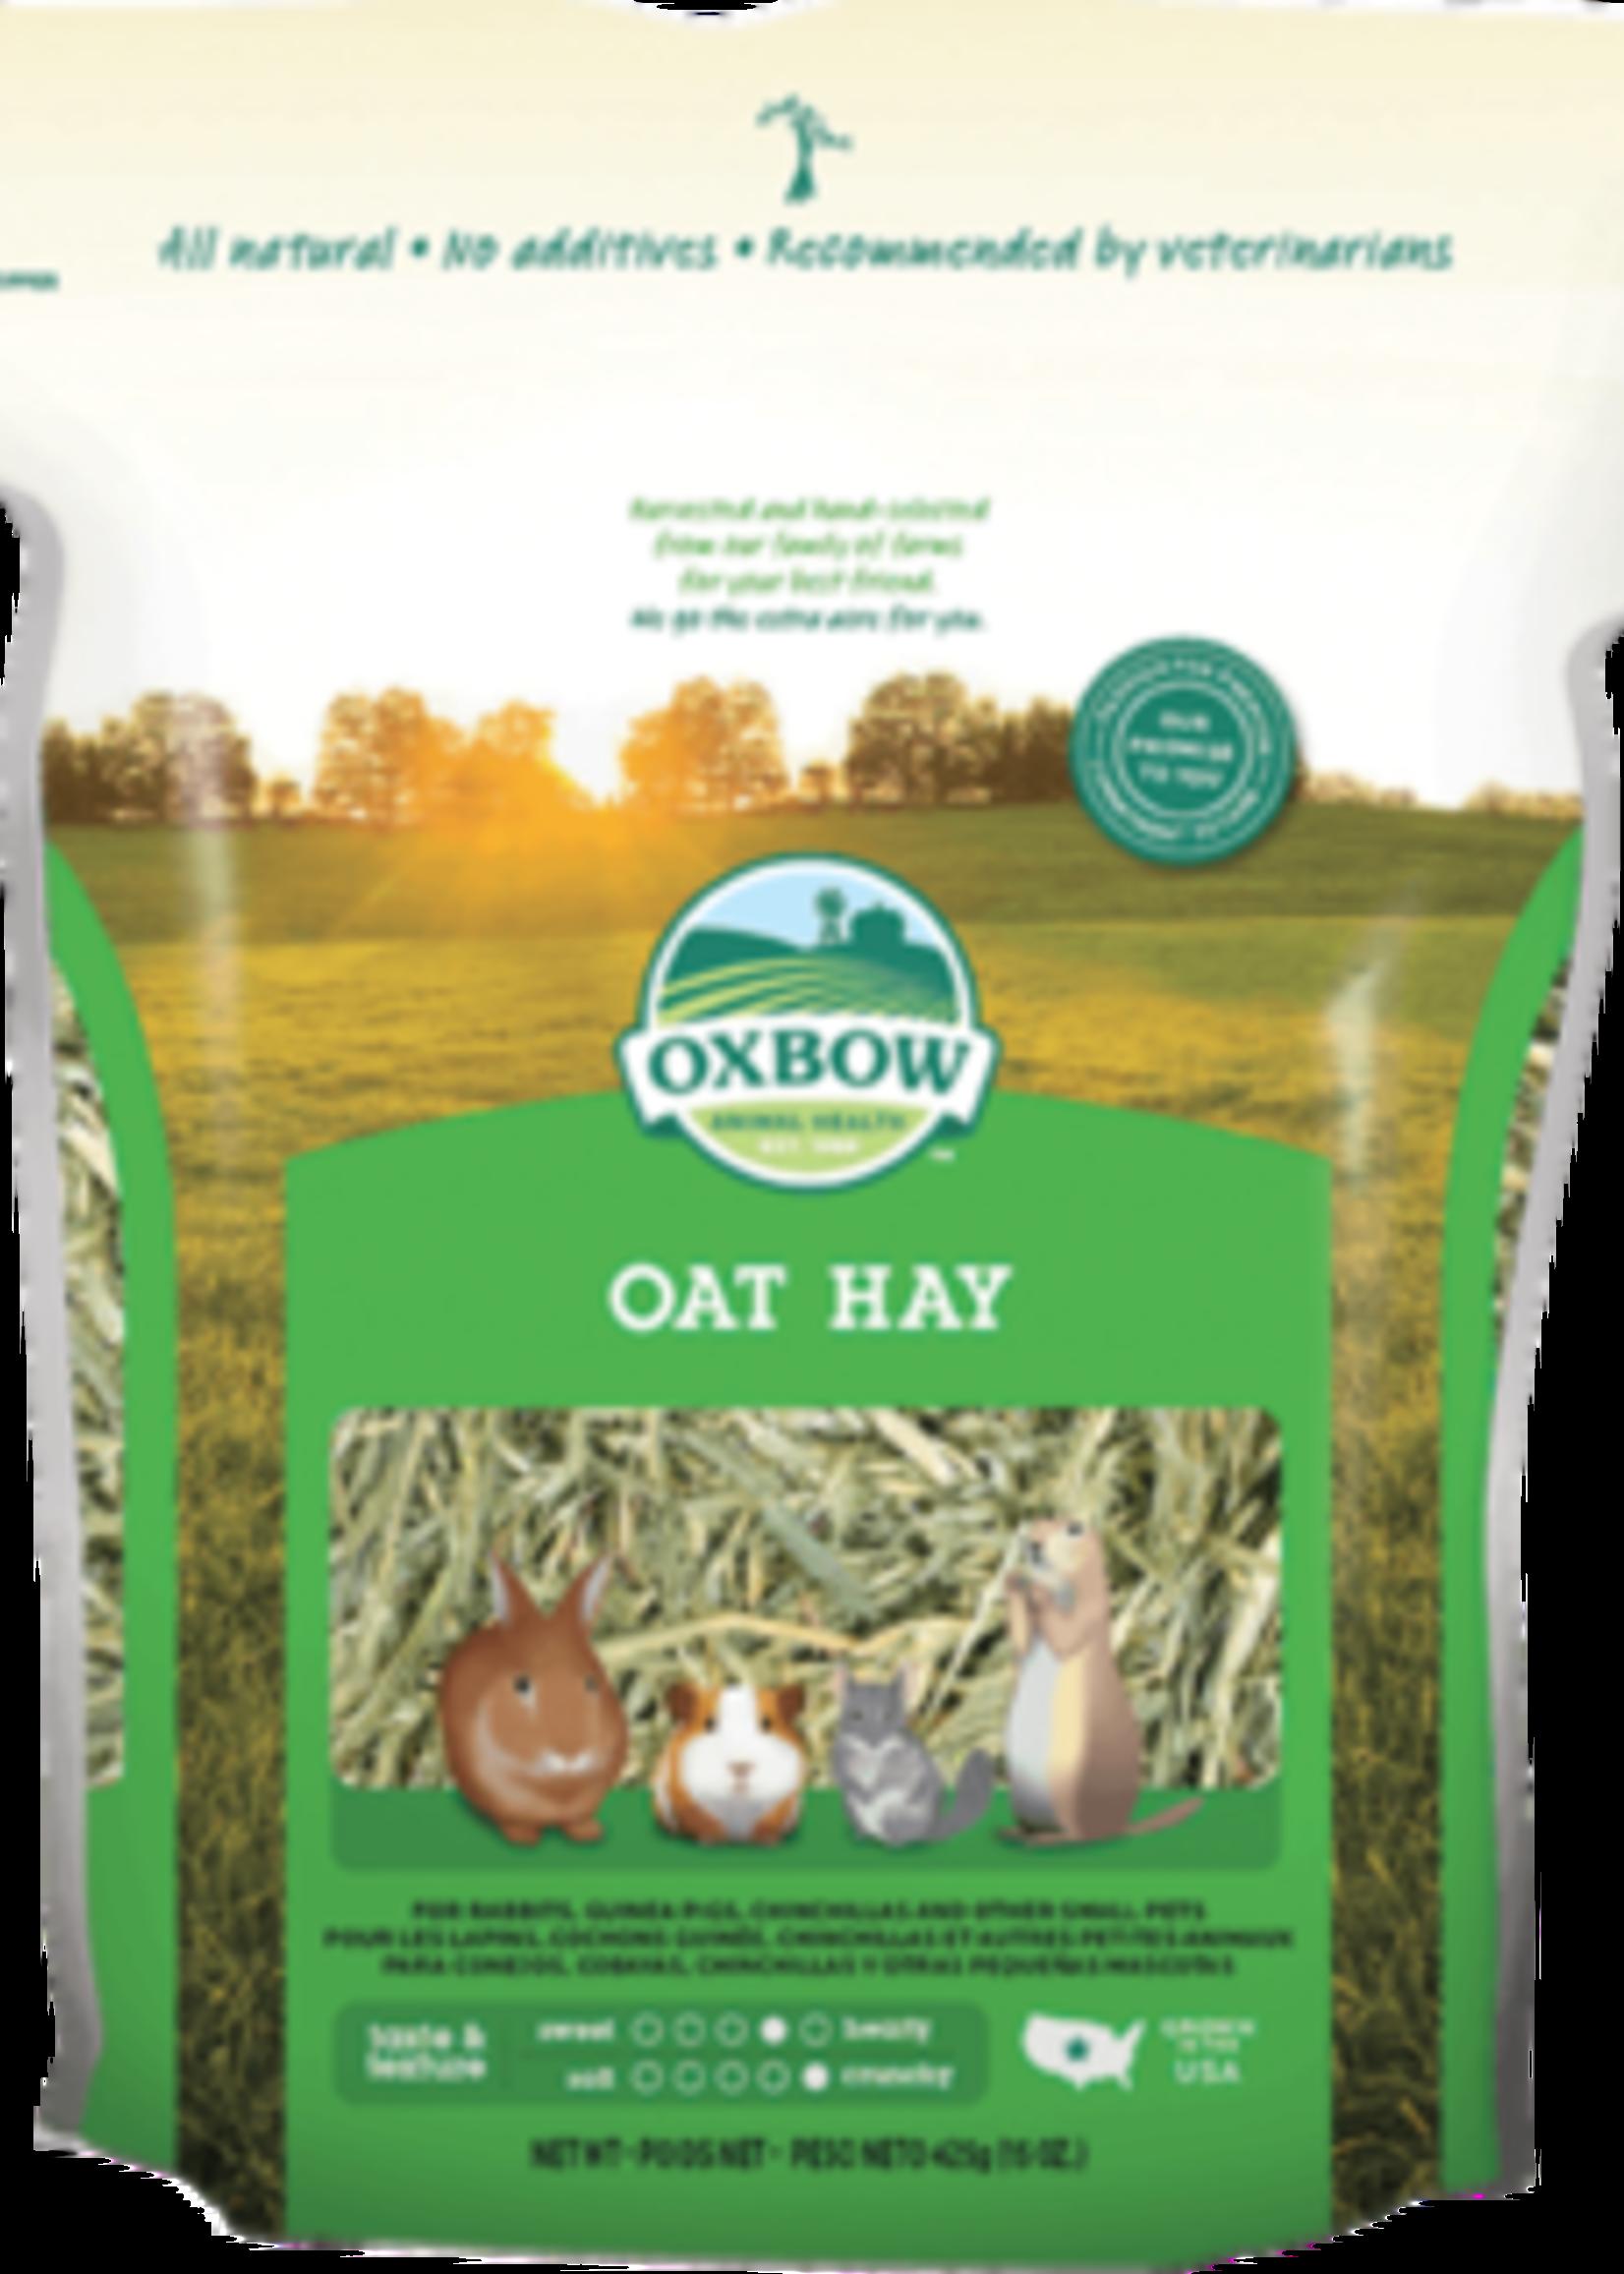 Oxbow Animal Health™ OXBOW OAT HAY 15oz